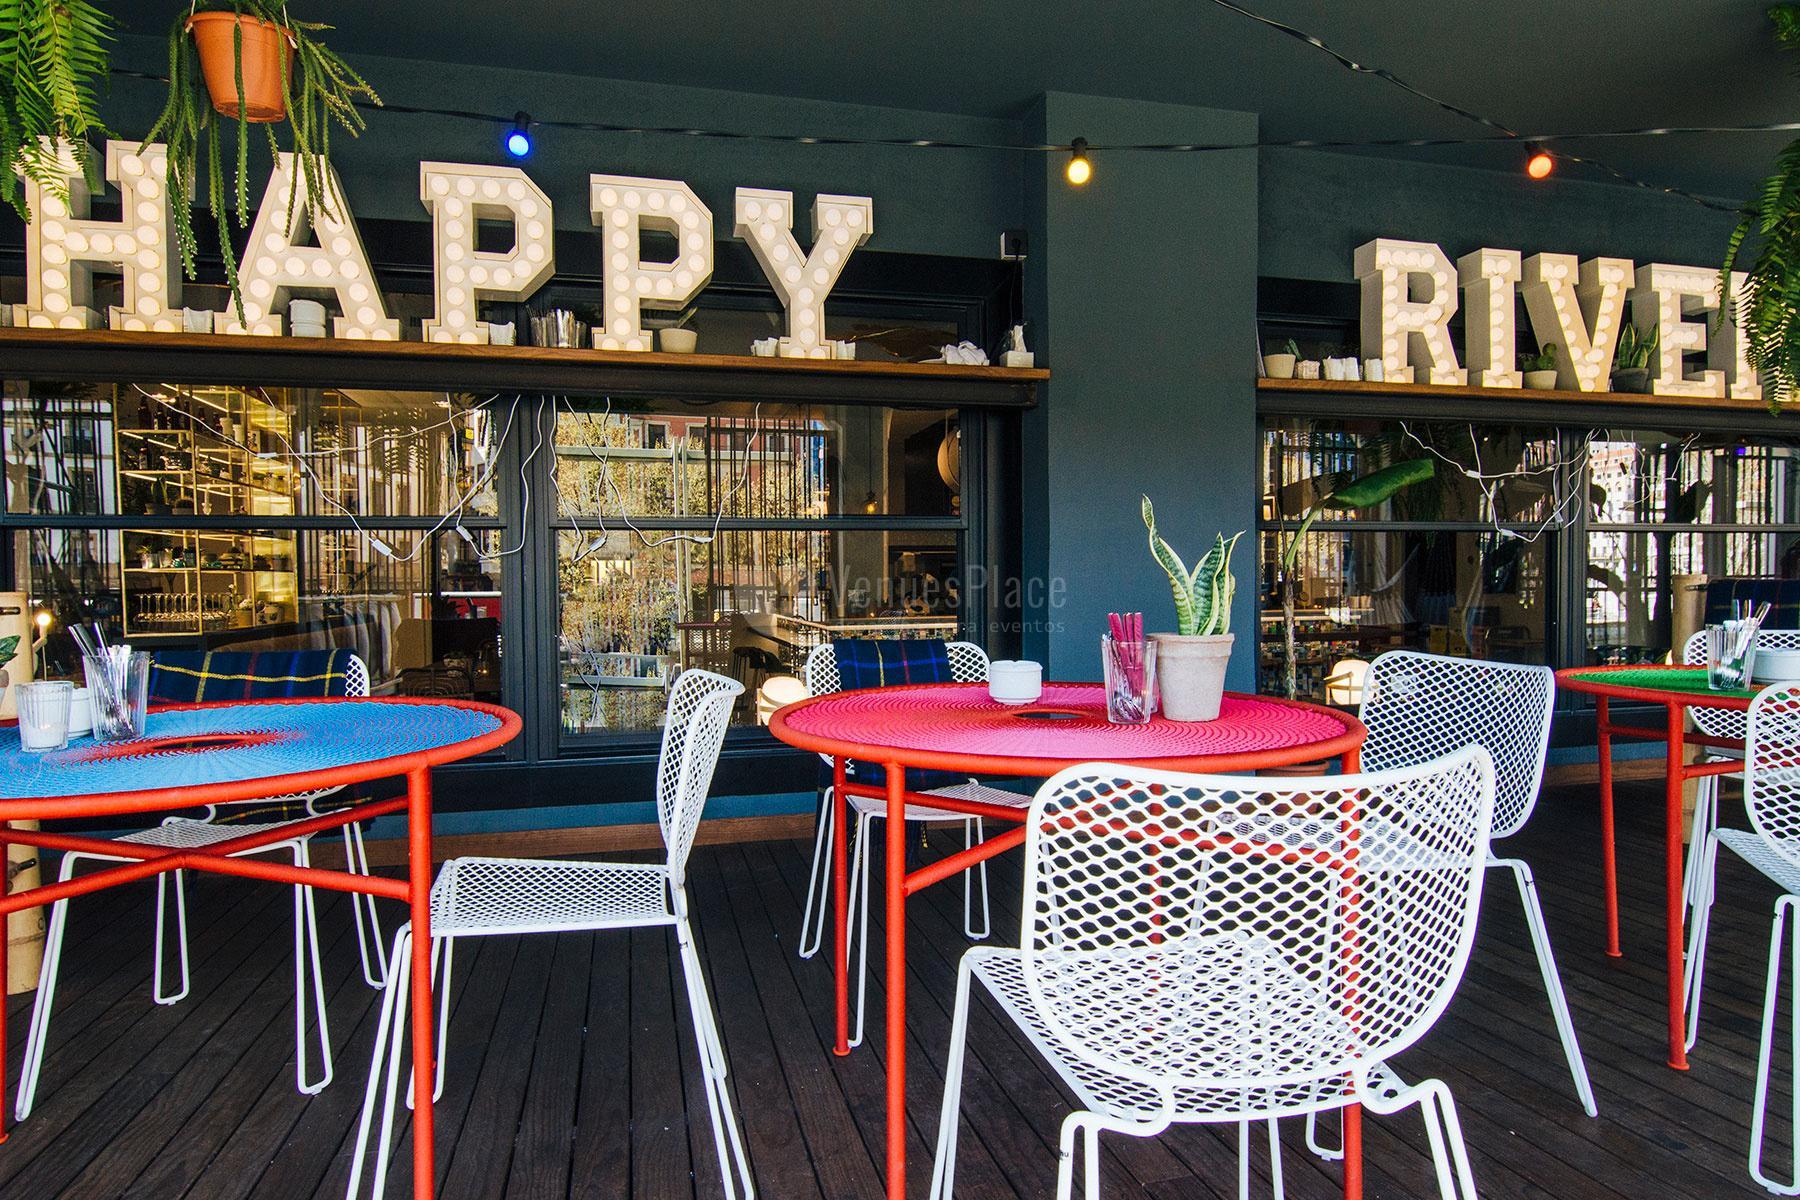 Eventos de verano en Happy River